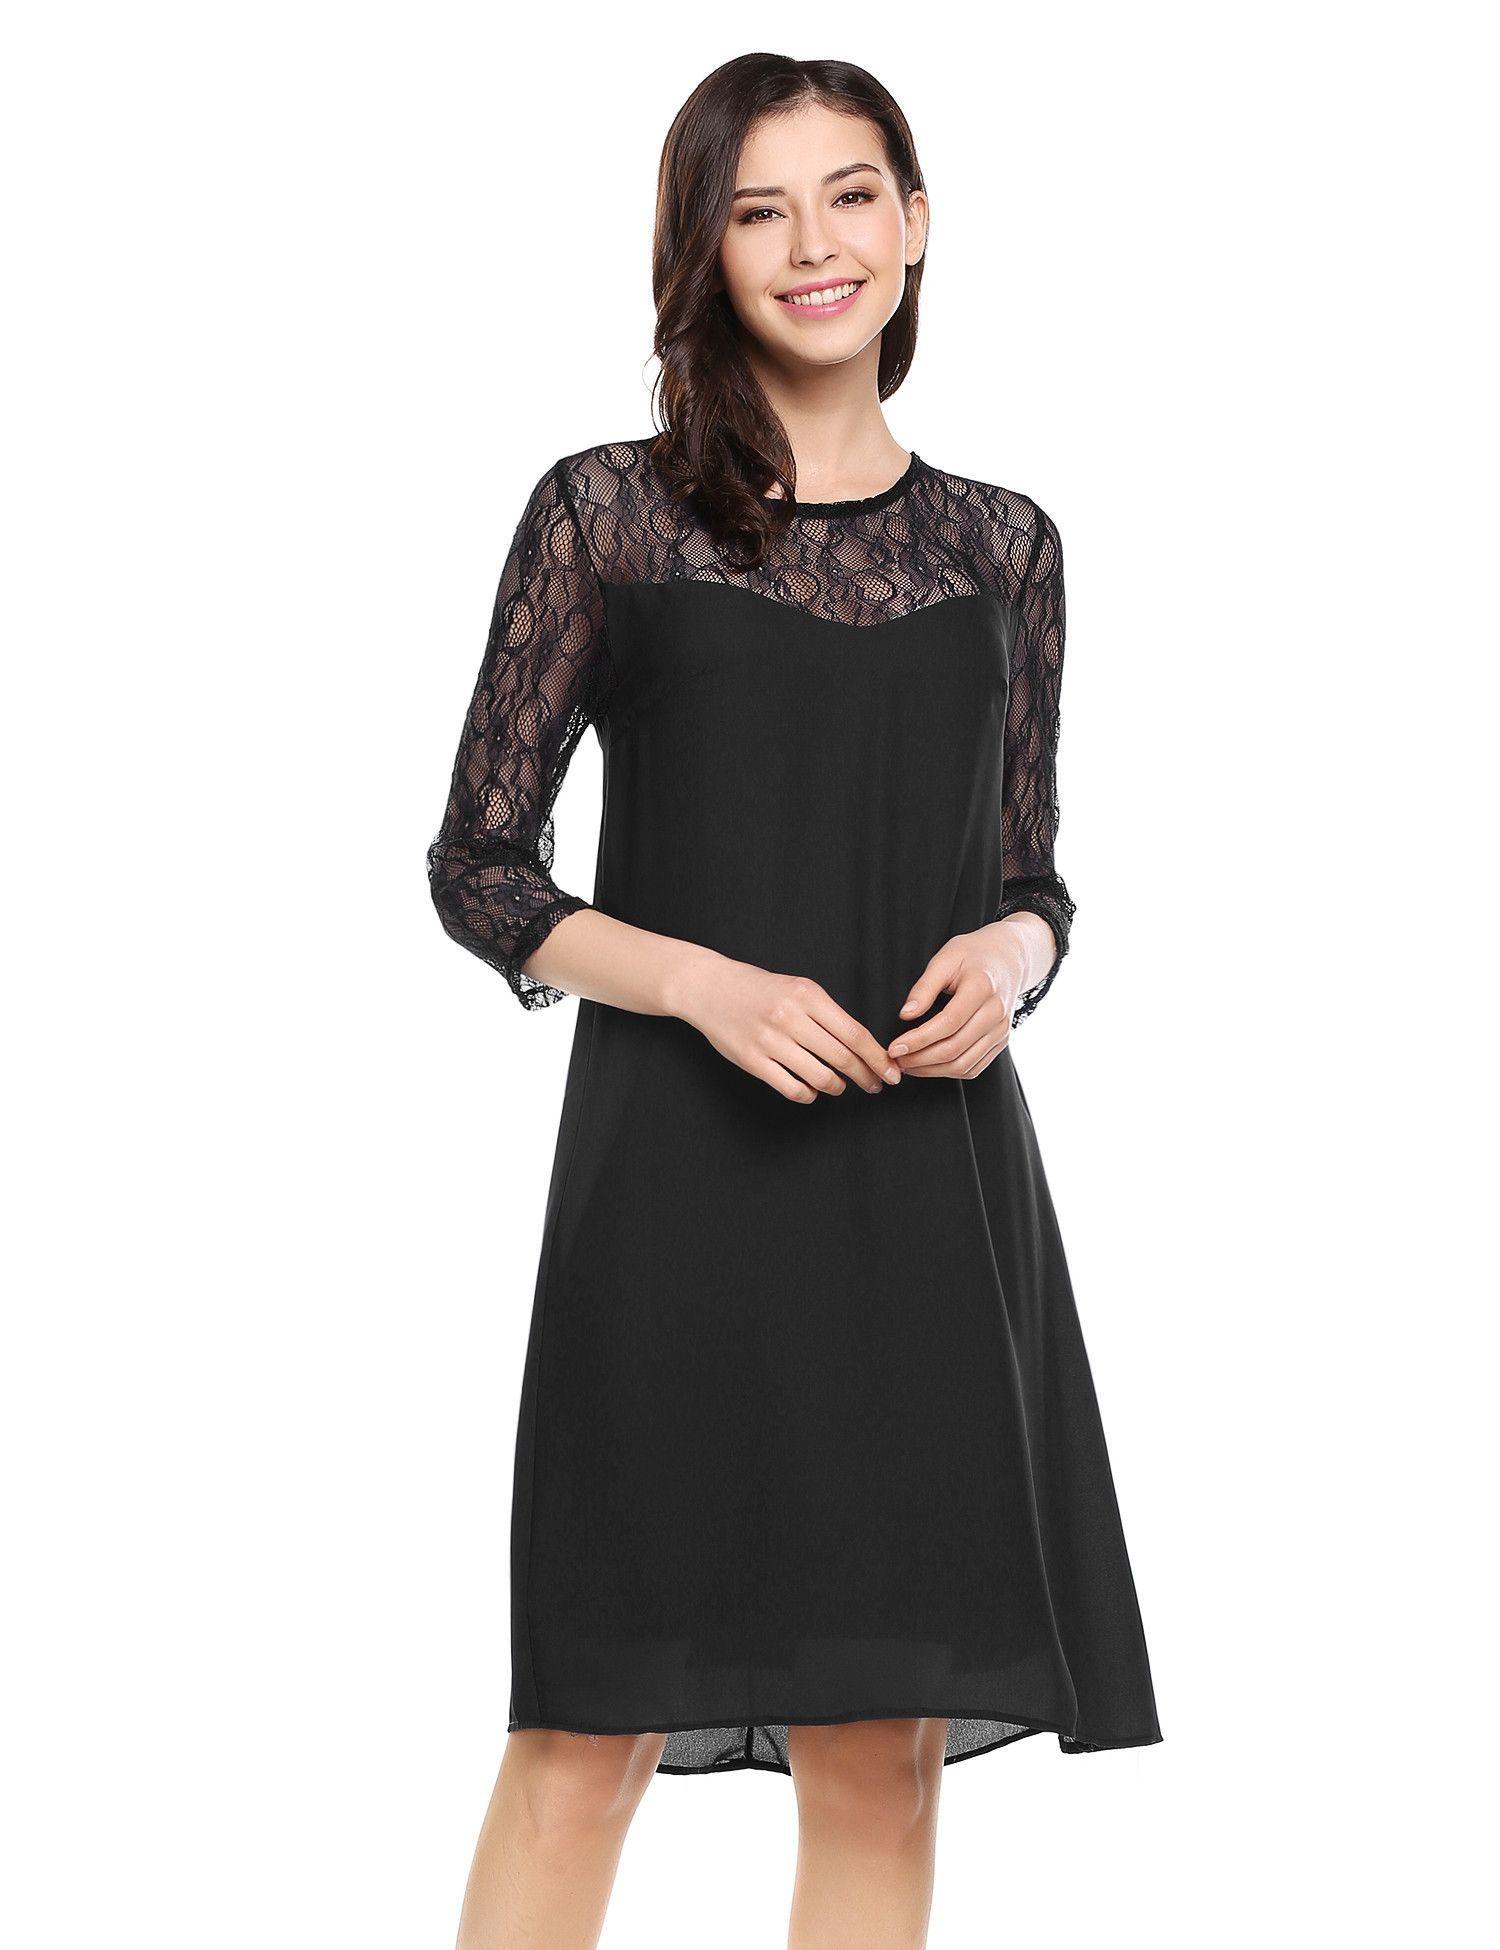 Chiffon sleeve black shift dress